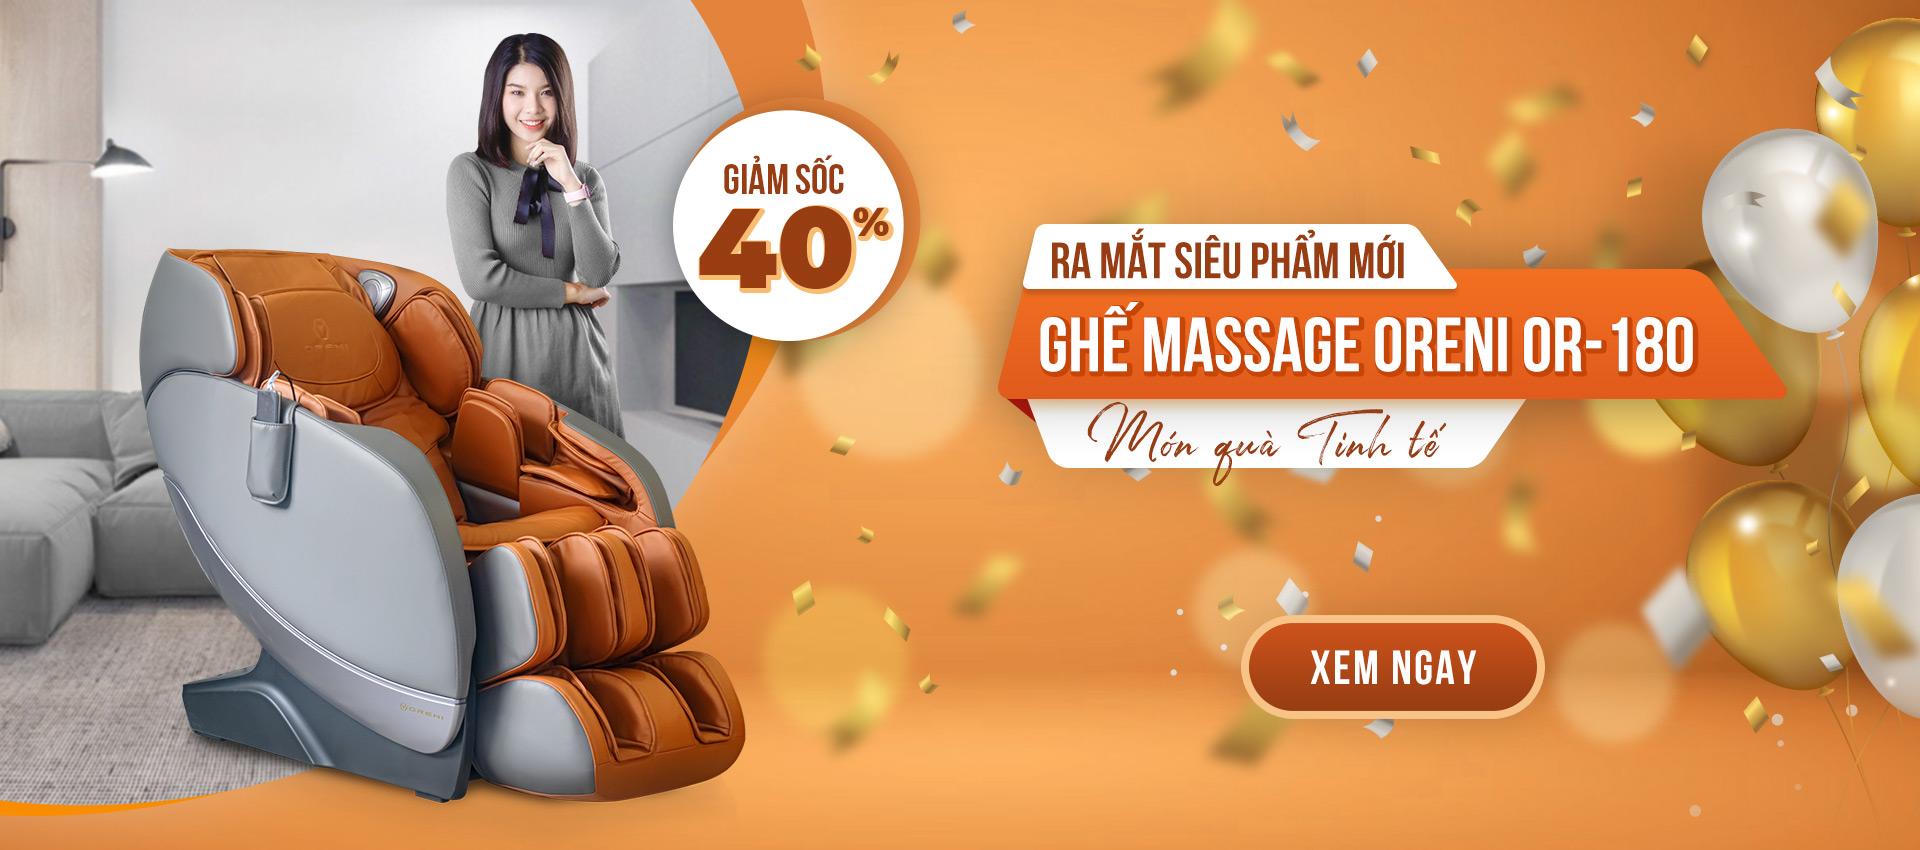 ra mắt ghế massage oreni or-180 giảm giá đặc biệt